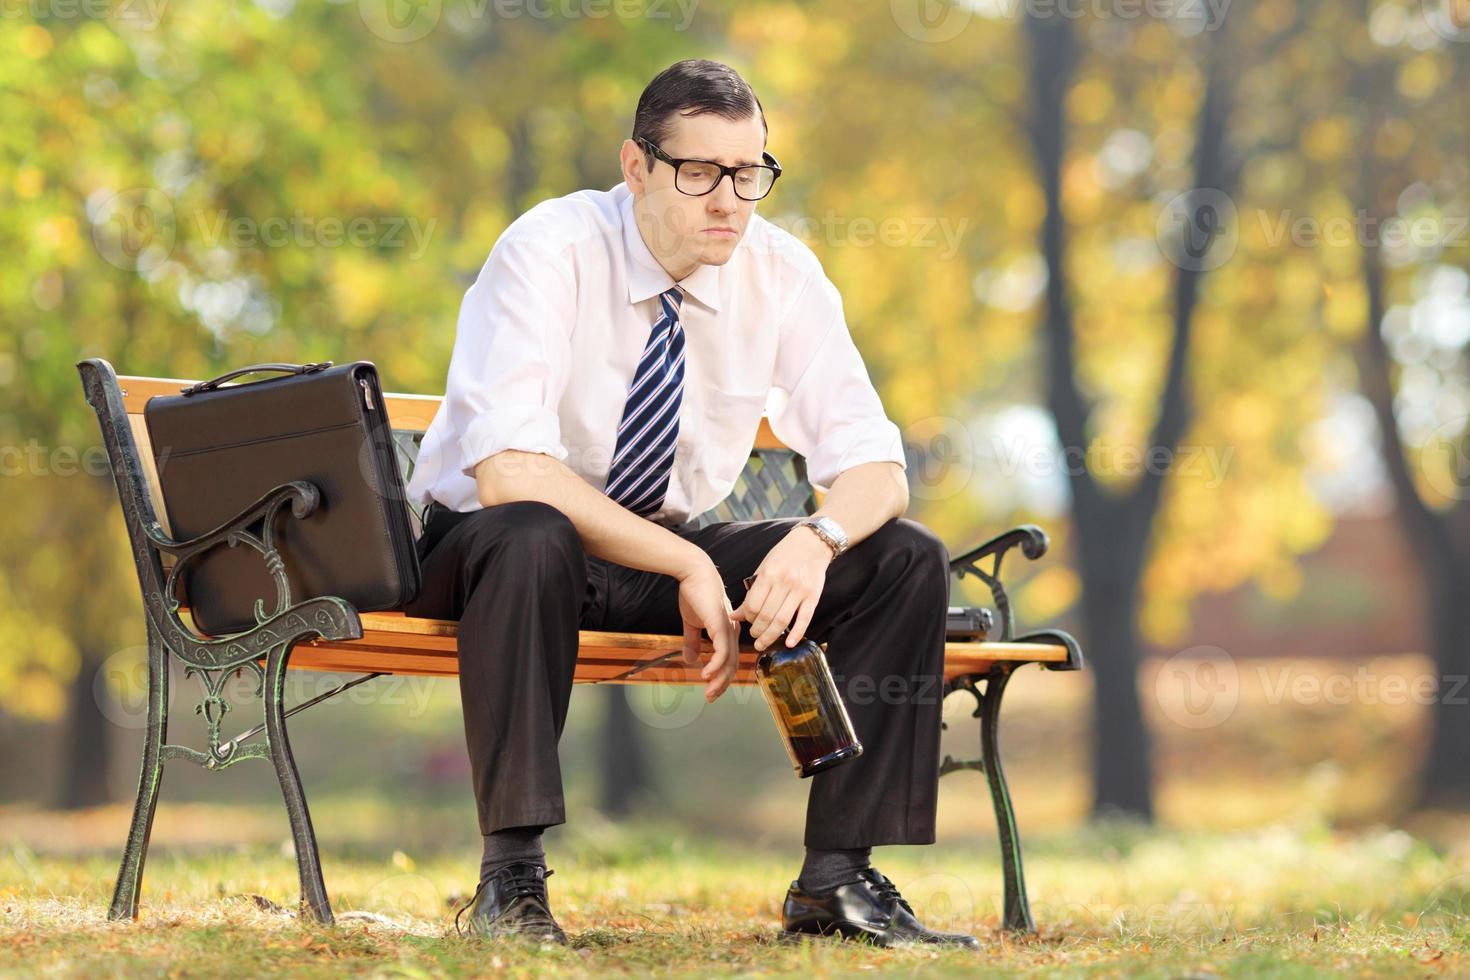 empresario decepcionado sentado en un banco de madera, en el parque foto